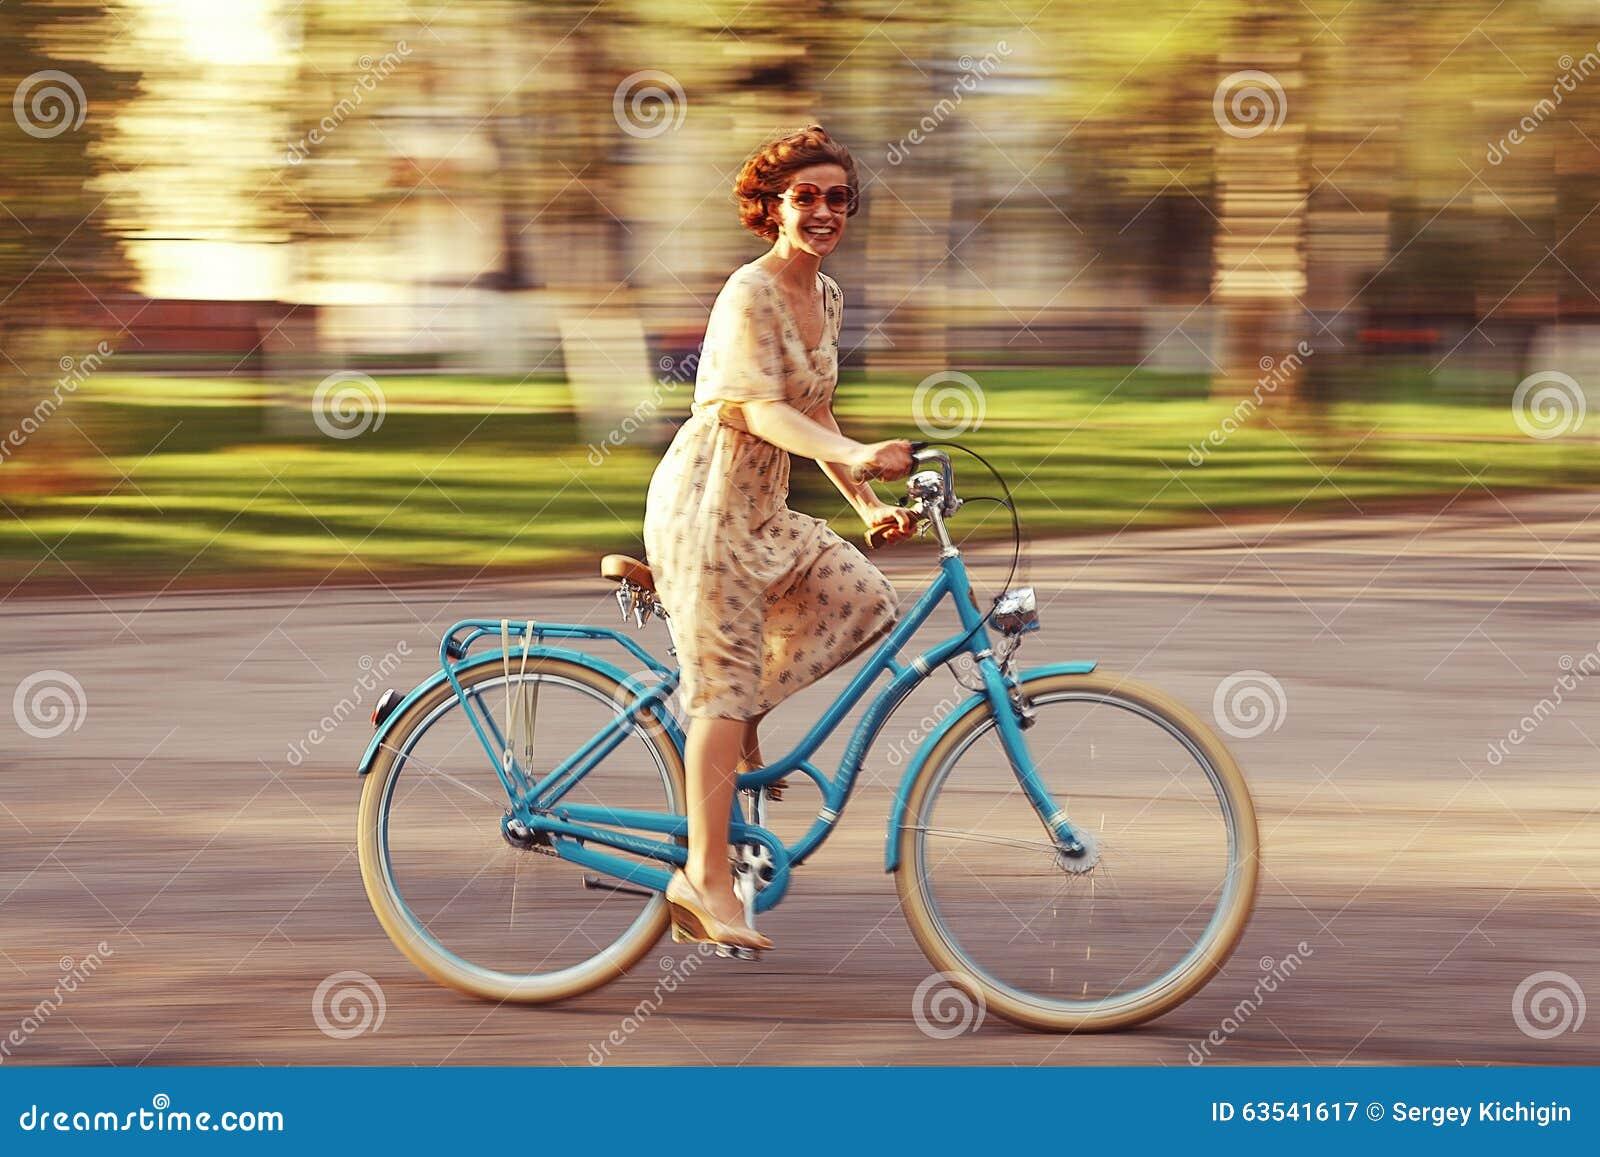 Rozochocona dziewczyna na bicyklu